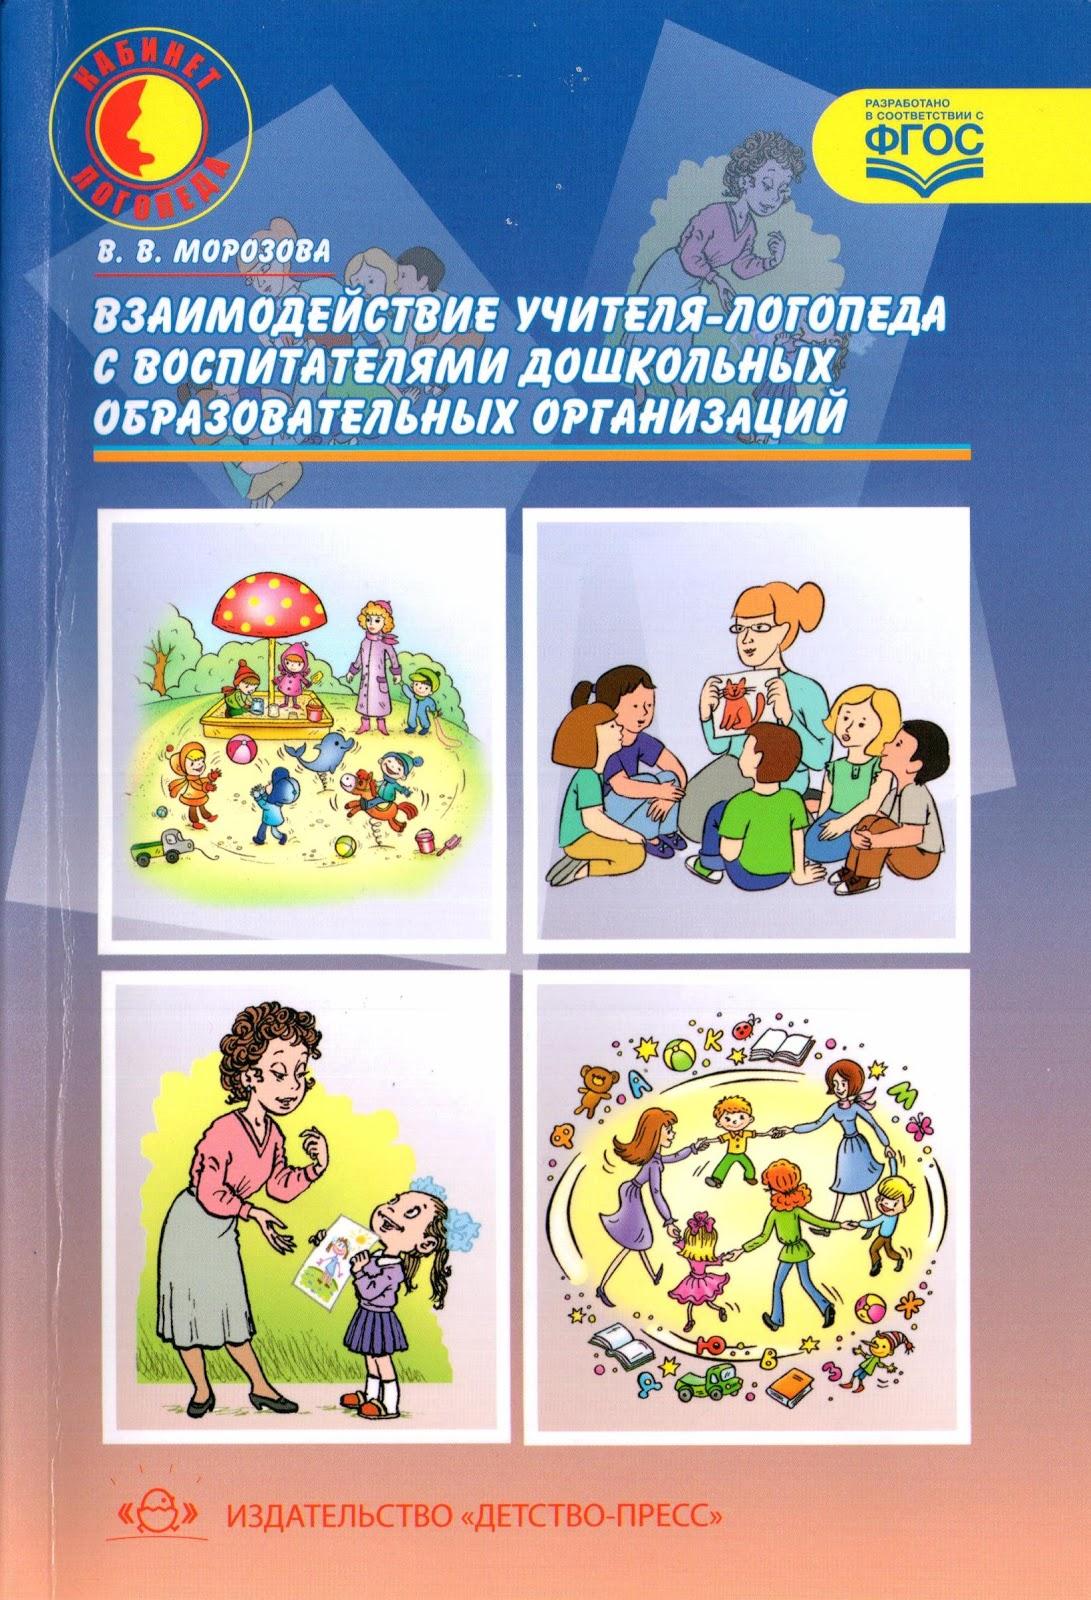 Приложение к журналу логопед конфетка скачать бесплатно